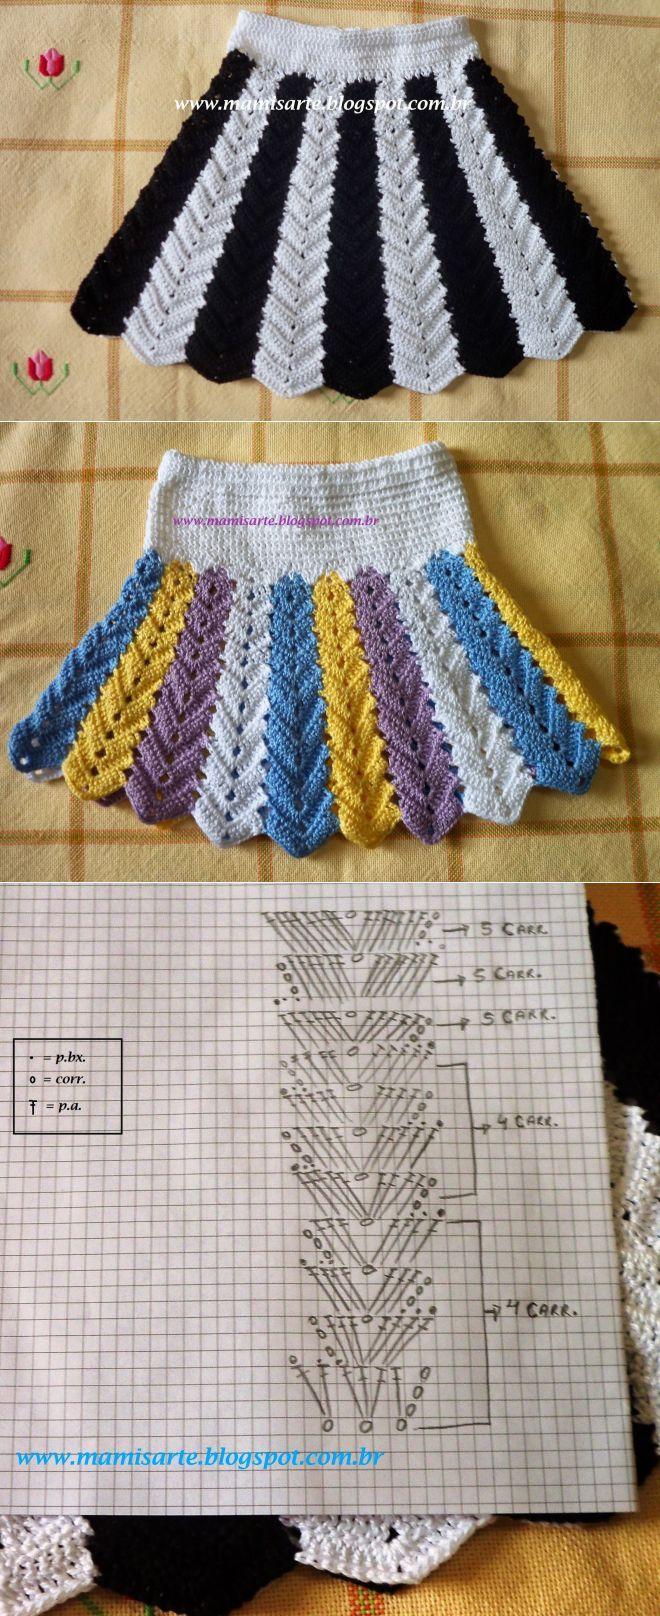 Crochet y otros géneros de punto Mamis: falda de ganchillo de los niños con rayas verticales - Gráfico